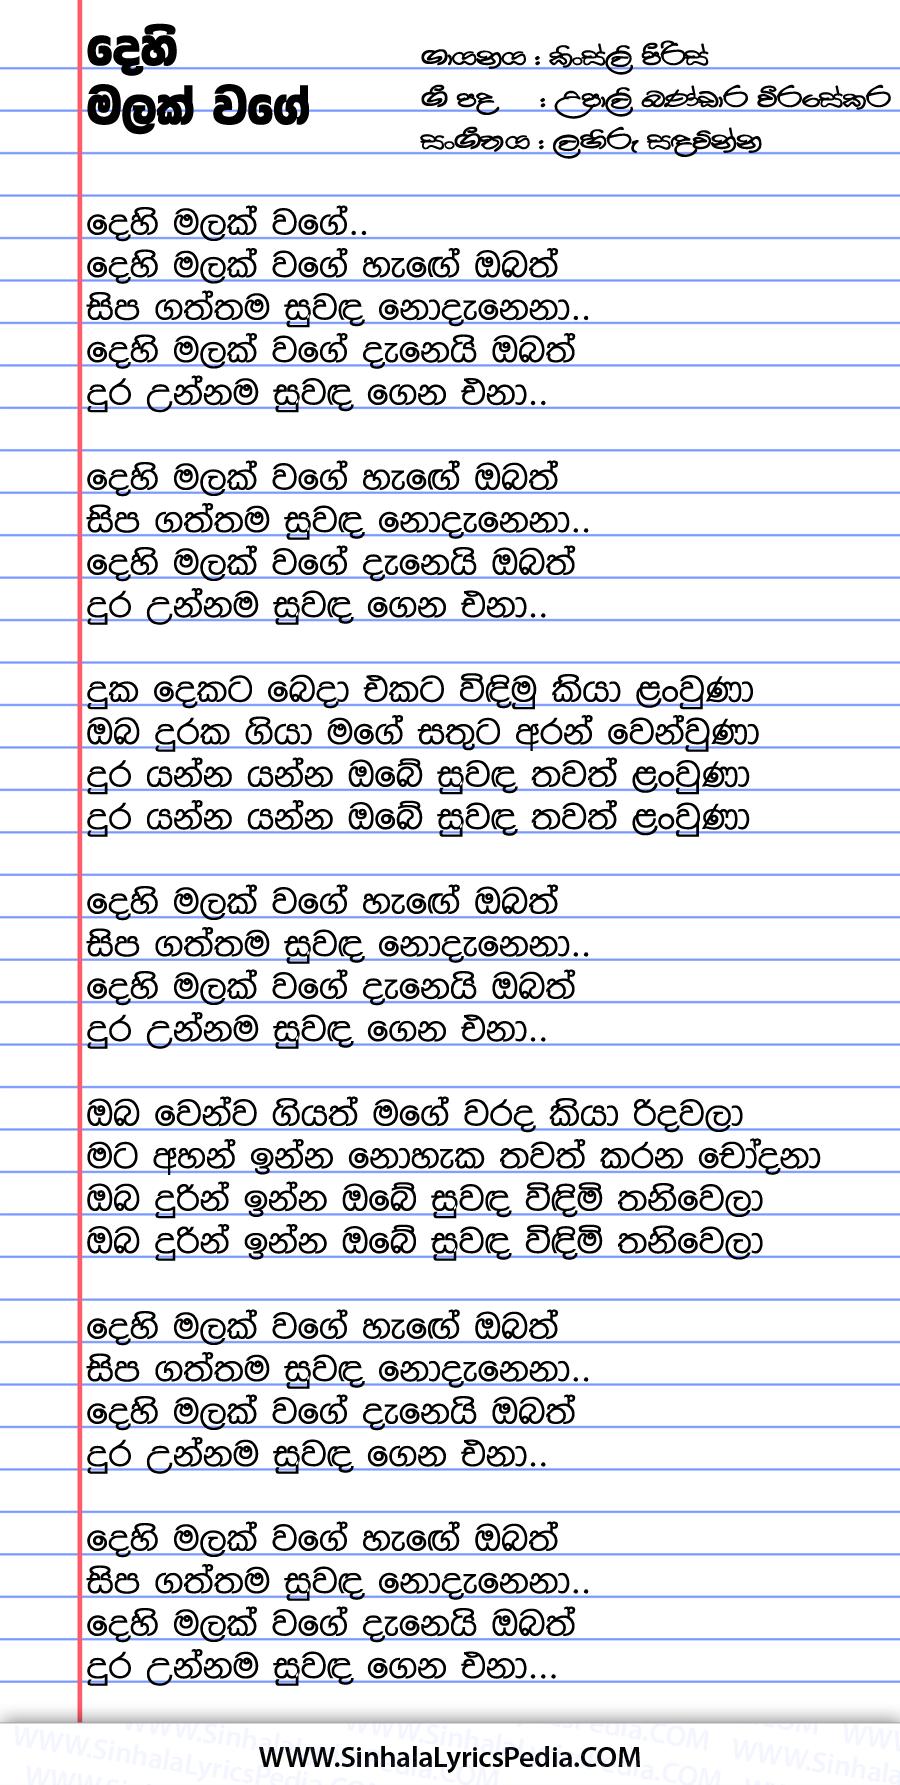 Dehi Malak Wage Hange Obath Song Lyrics